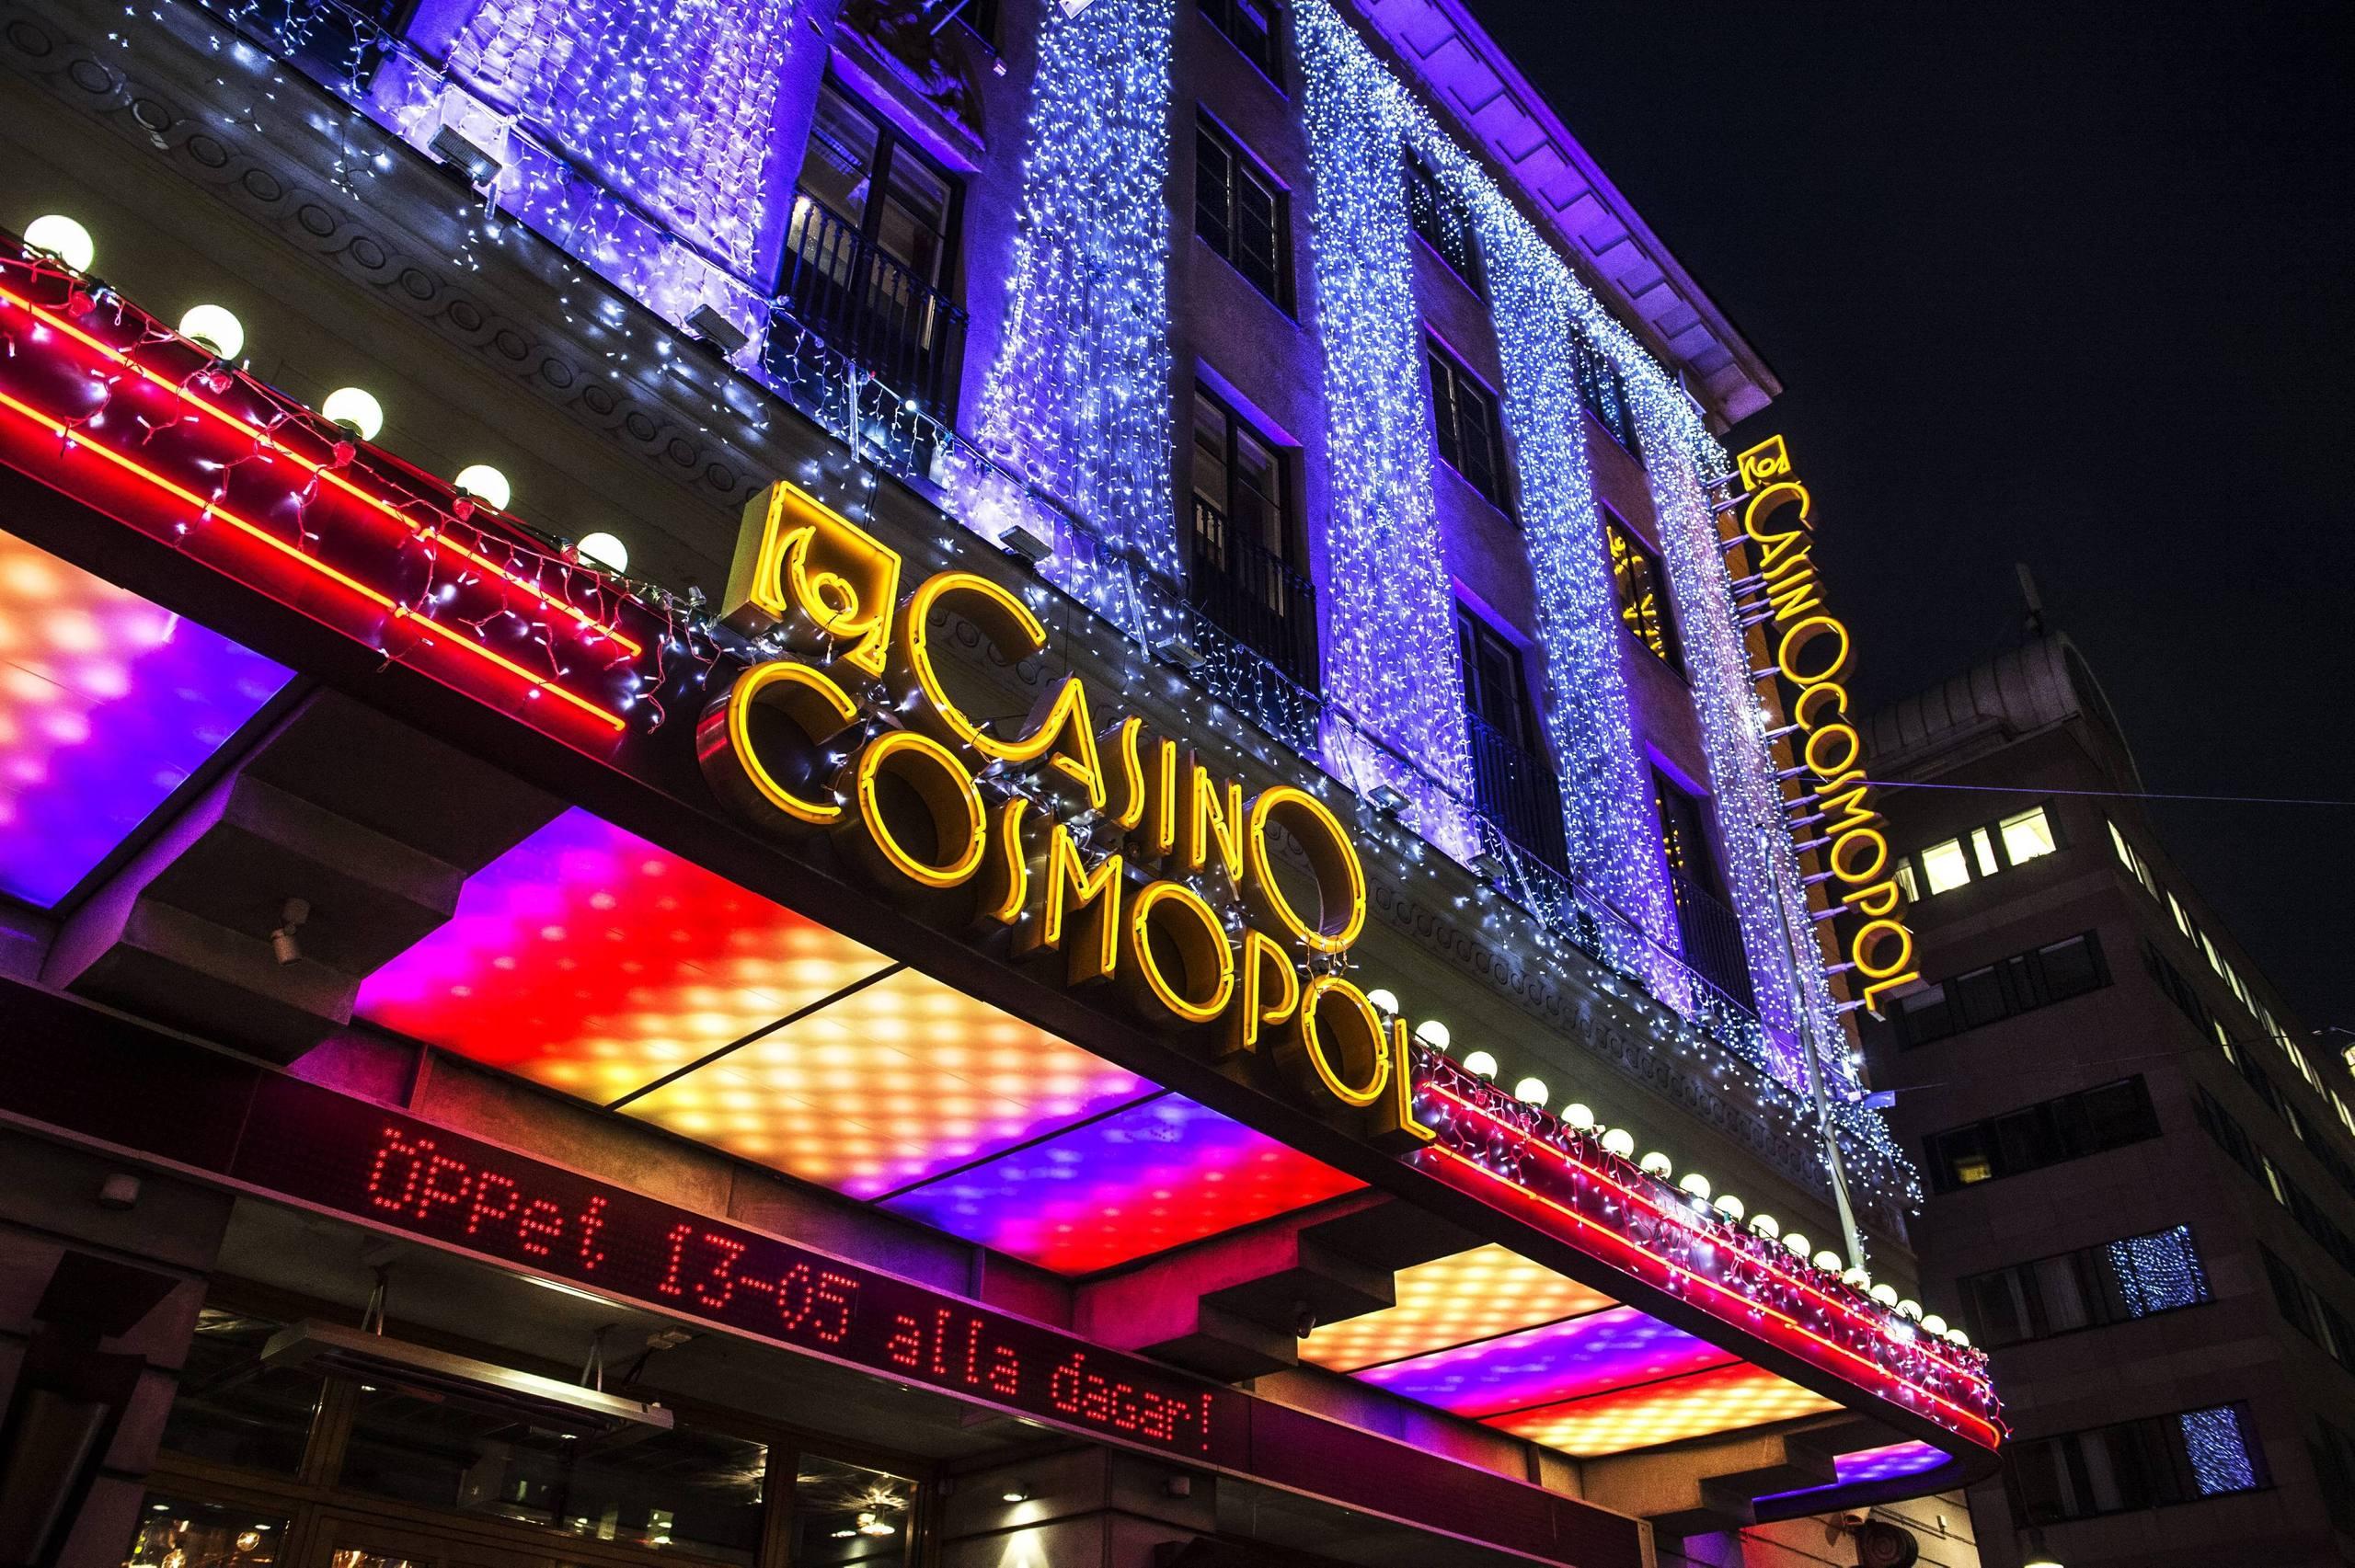 Concrete cutting casino